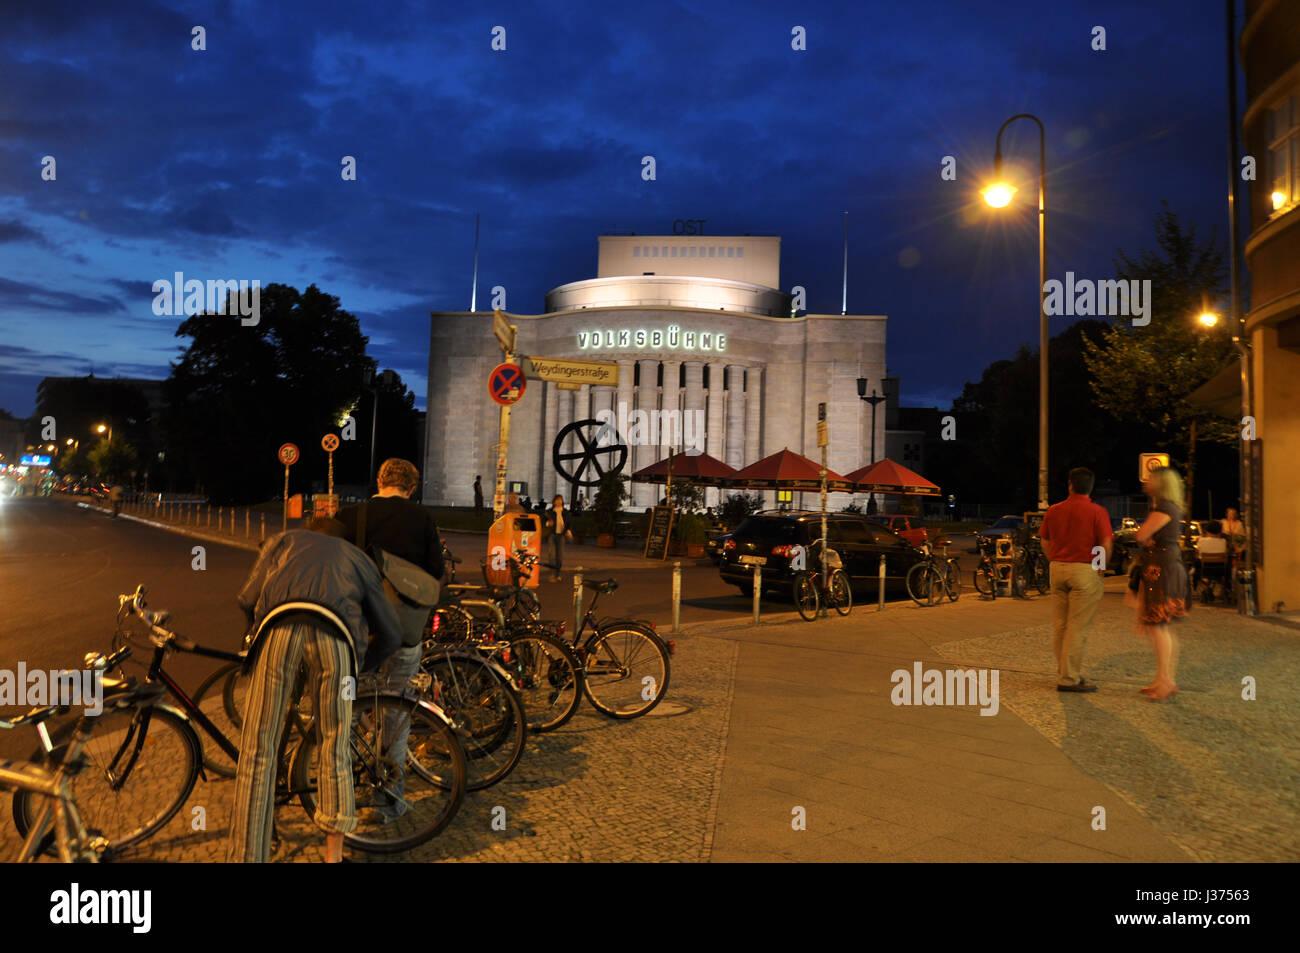 Rosa-Luxemburg-Platz Mit Blick Auf die Berliner Volksbühne in der Blauen Stunde. Stockbild